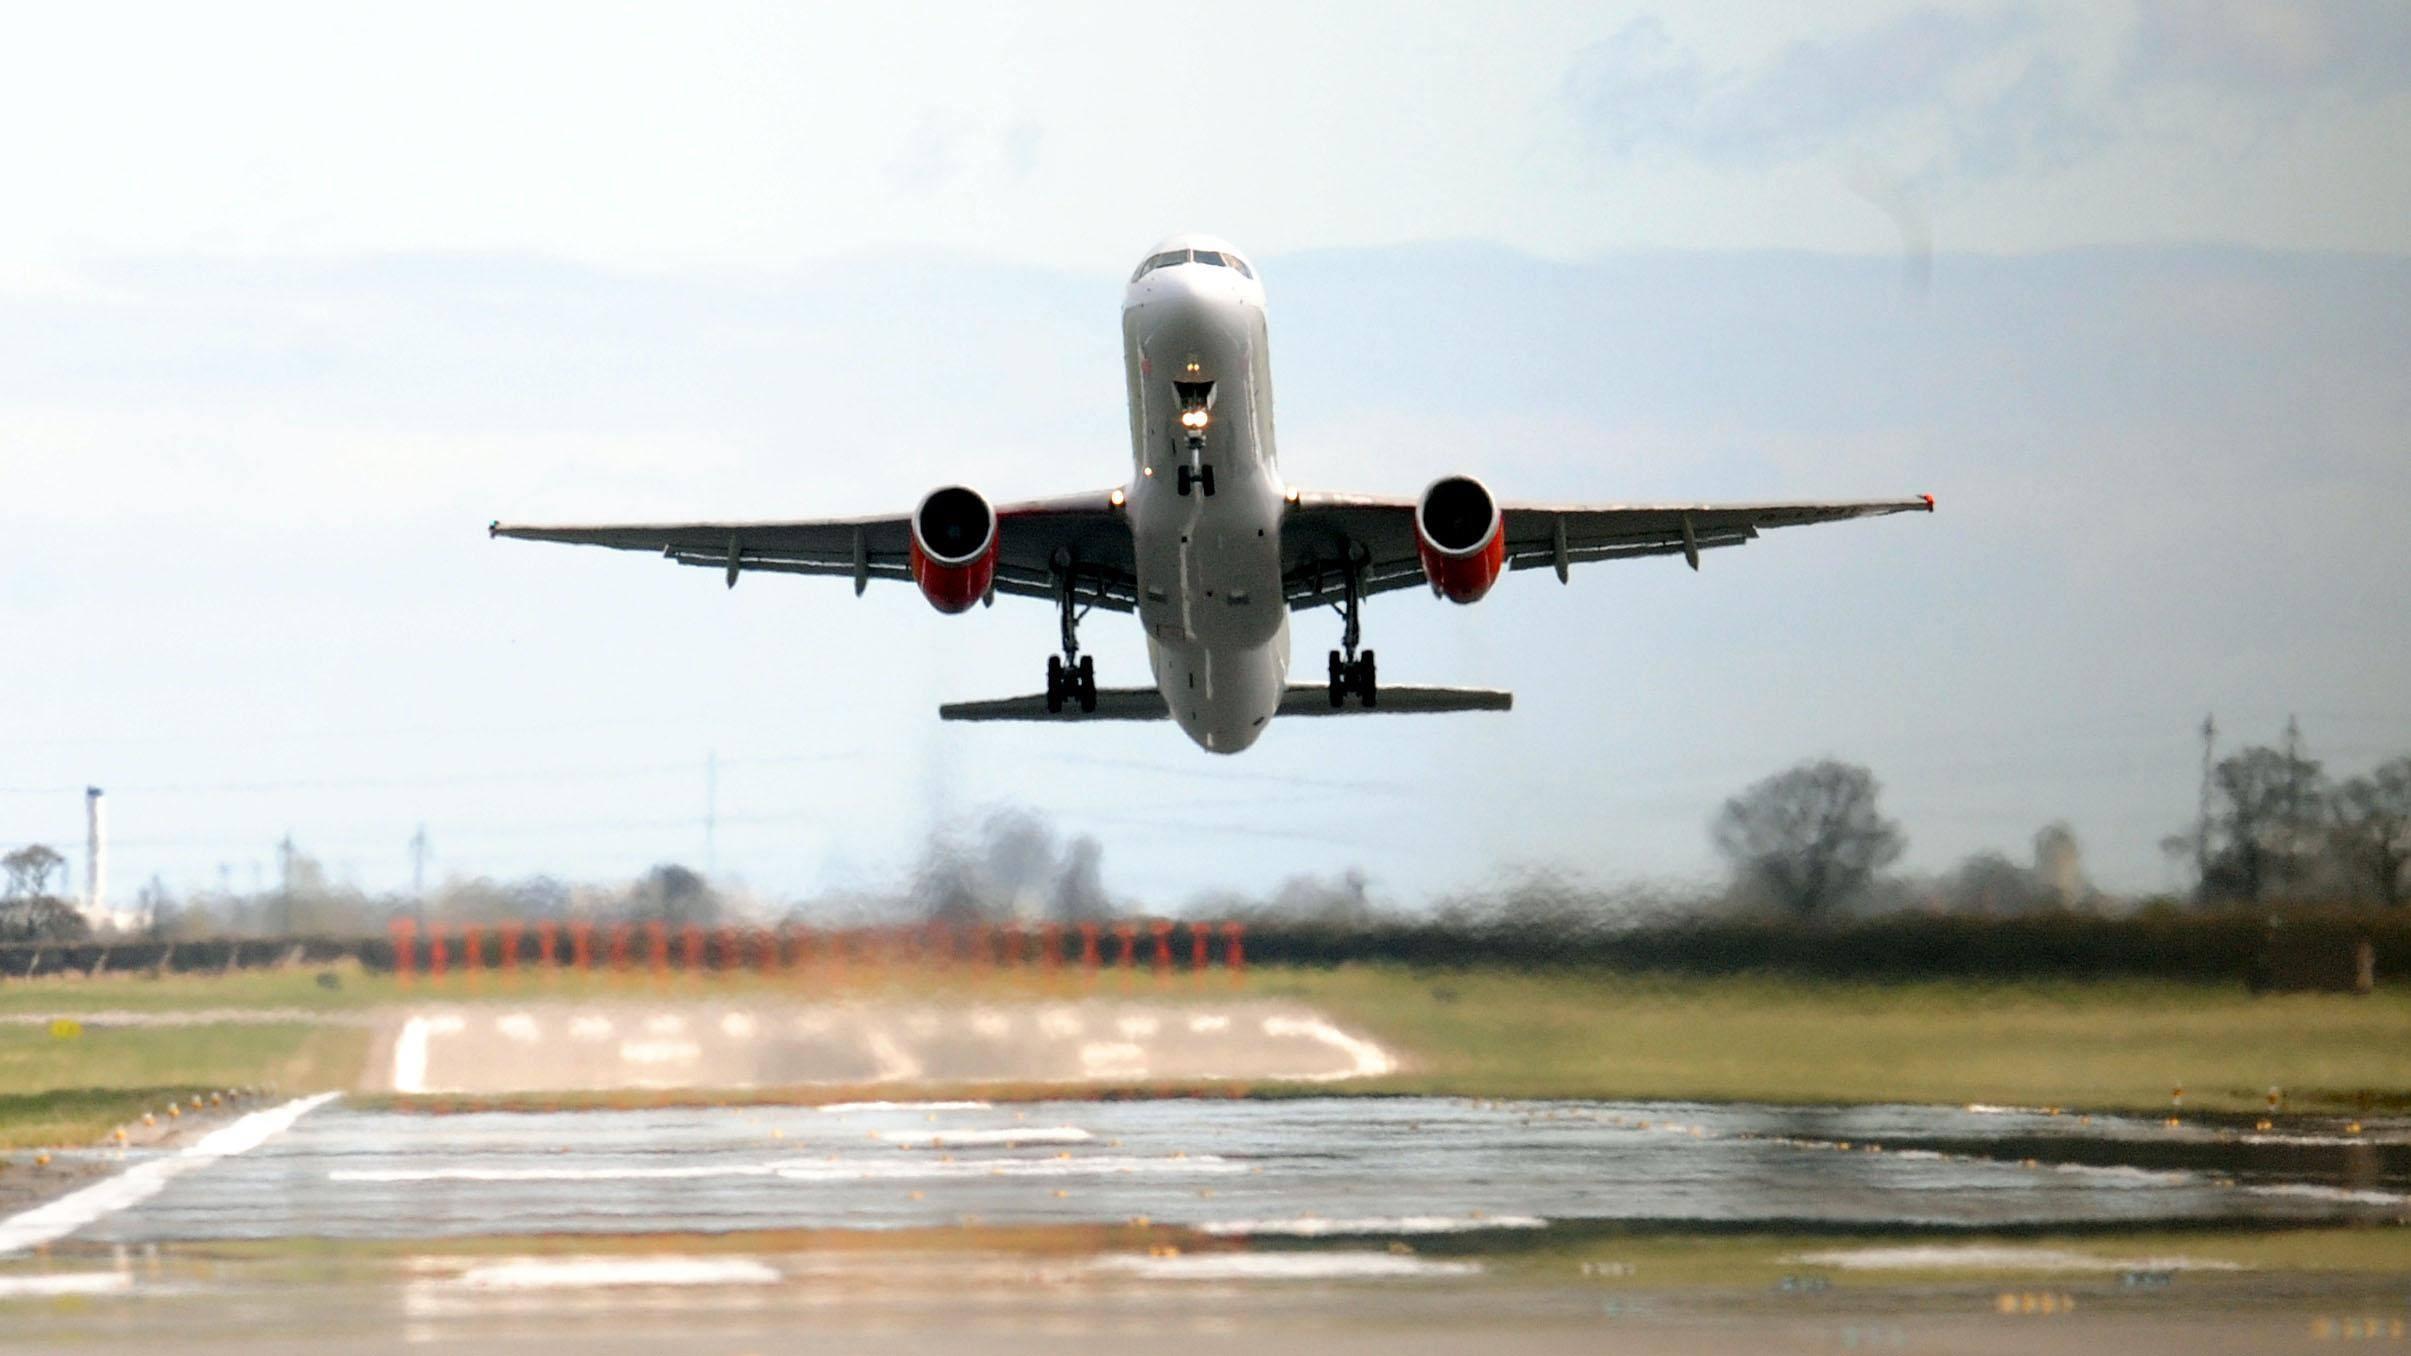 Самолёты выбрасывают много парниковых газов? Путешествуйте по стране наэлектричках.